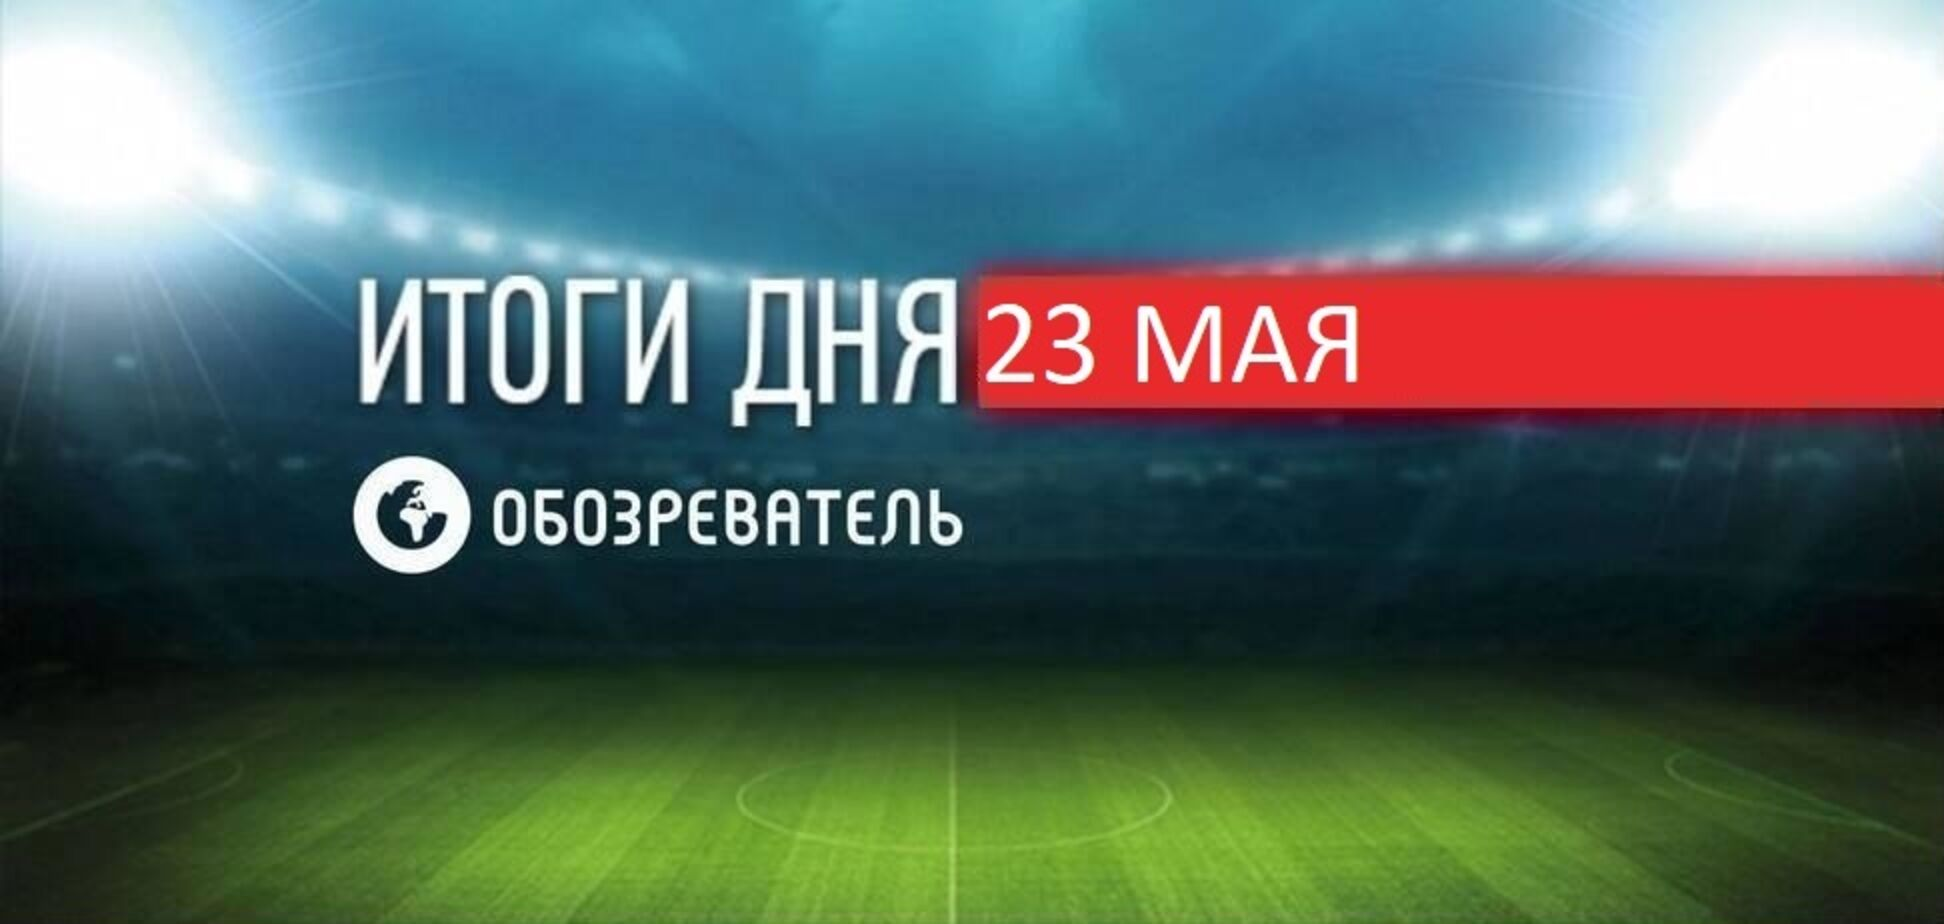 Новини спорту 23 травня: Україна не змогла обіграти Бахрейн